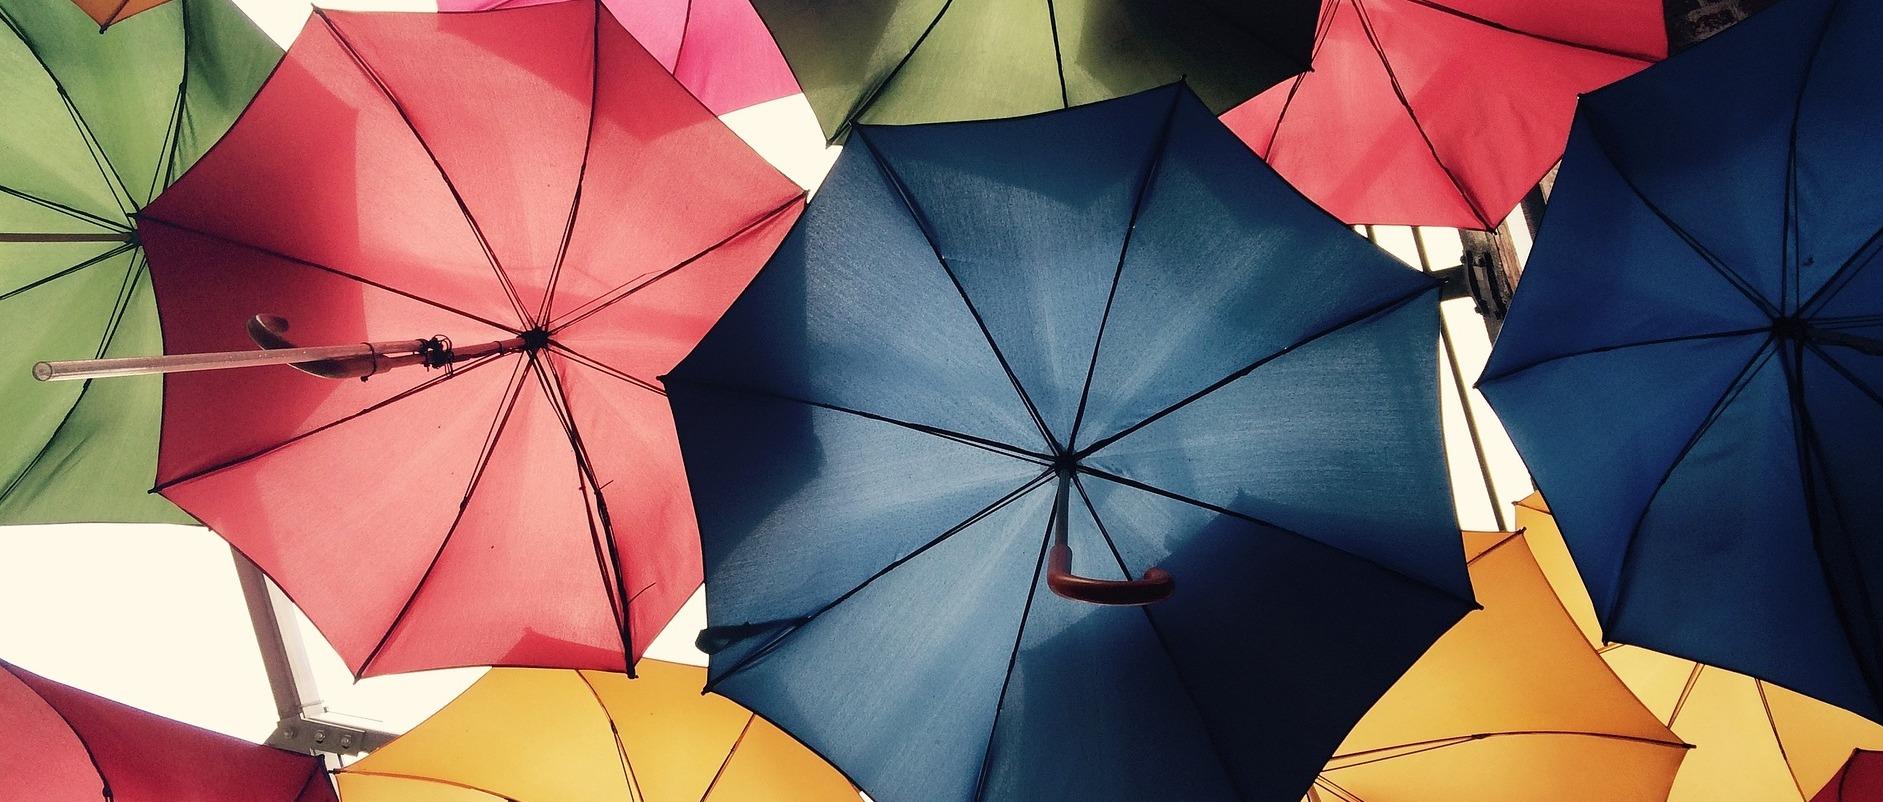 Słońce i deszcz im niestraszne – czyli odpowiedni dobór naklejki do warunków atmosferycznych